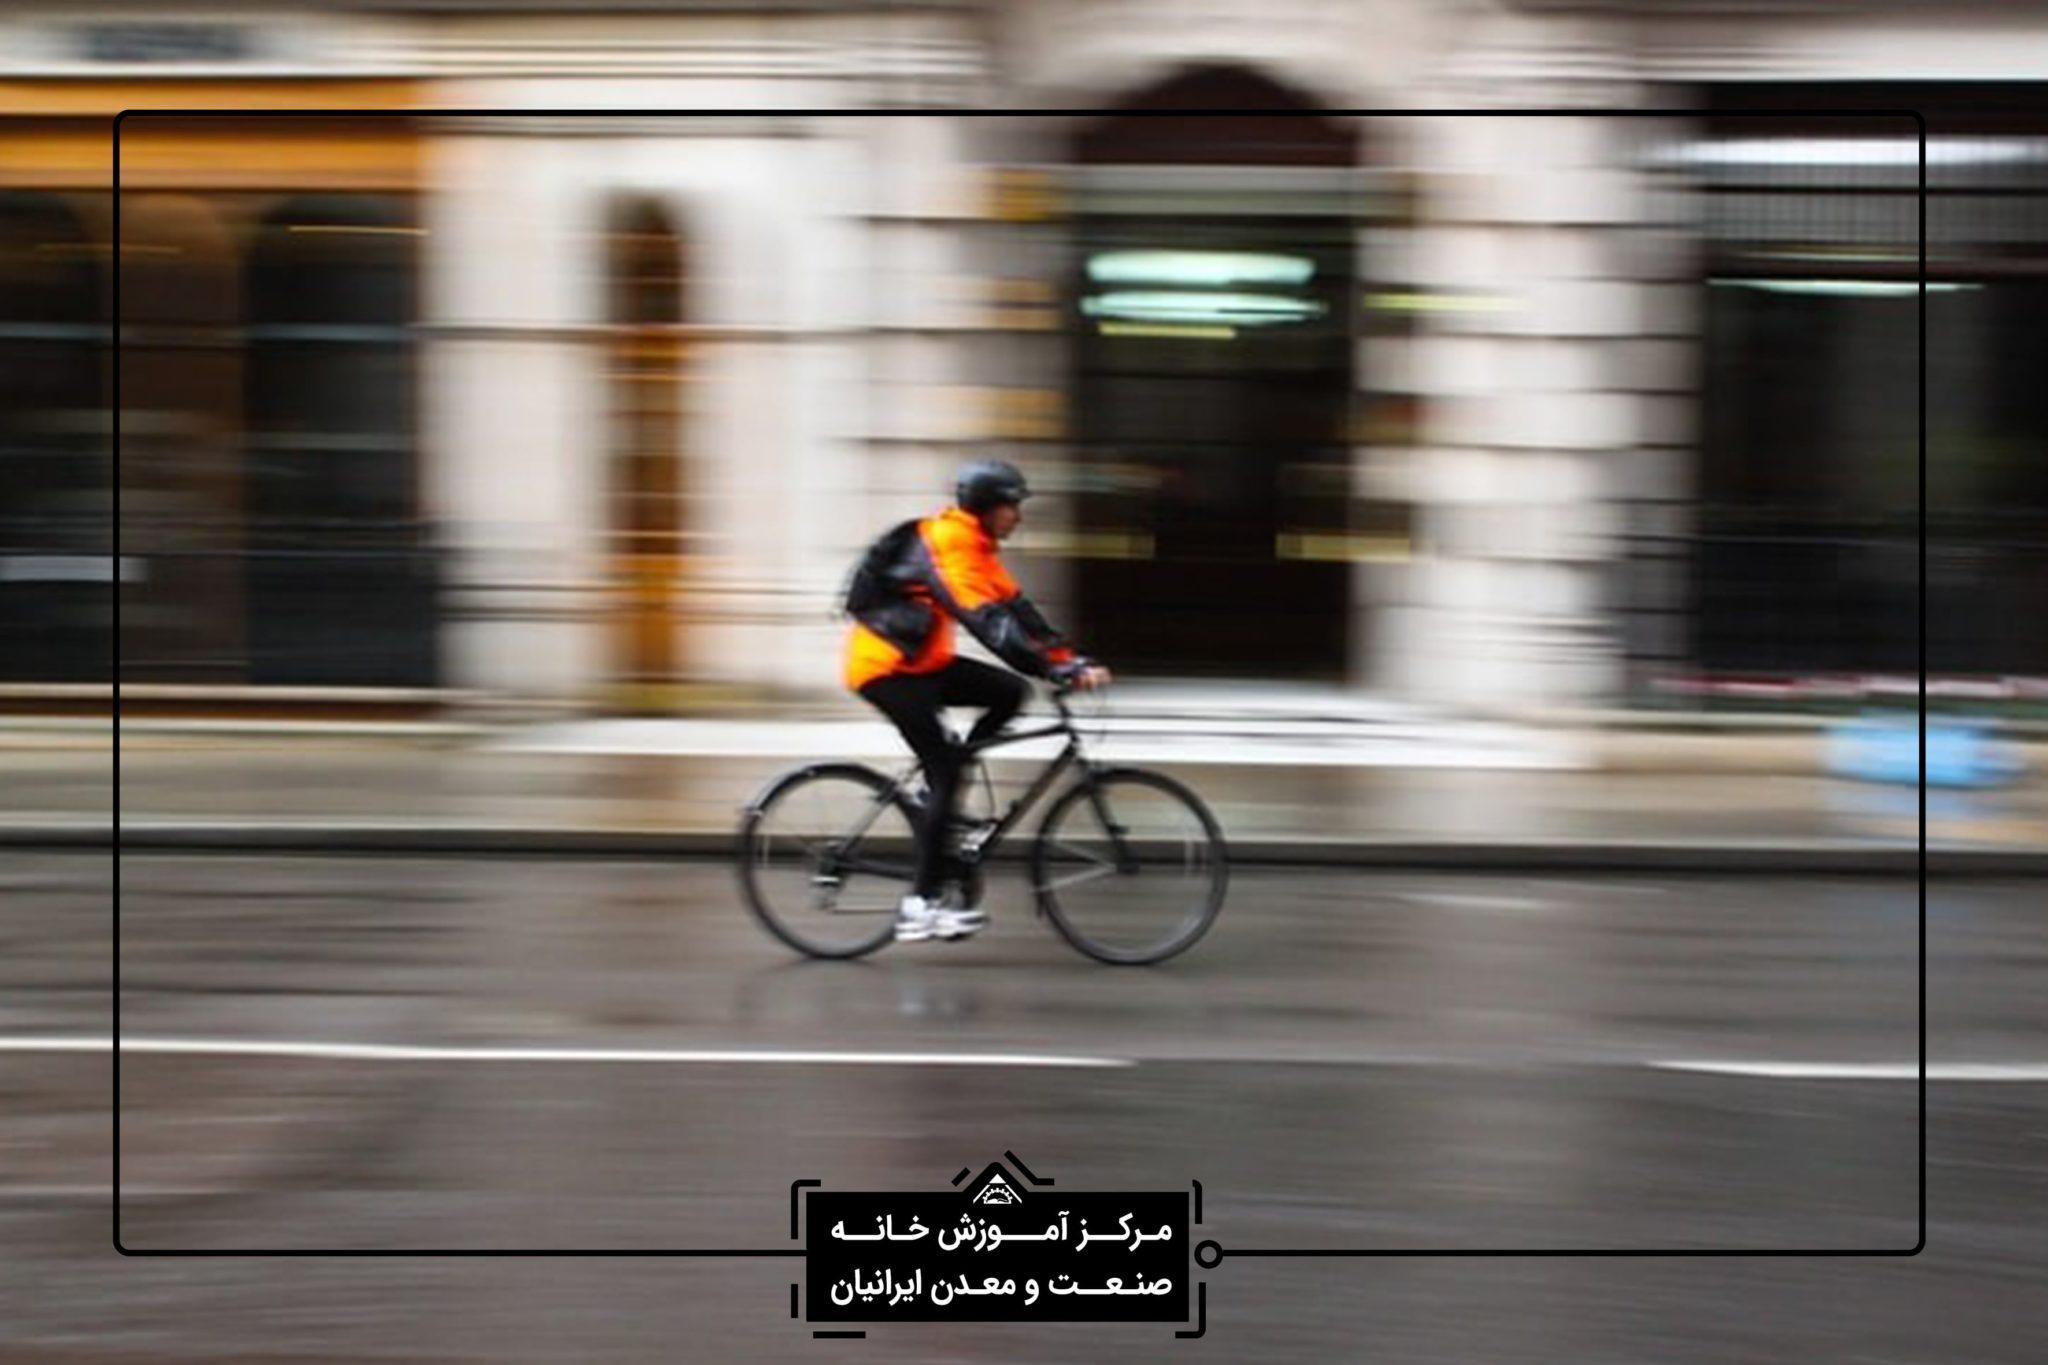 سبک های مختلف عکاسی در شیراز - آموزش عکاسی تخصصی در شیراز